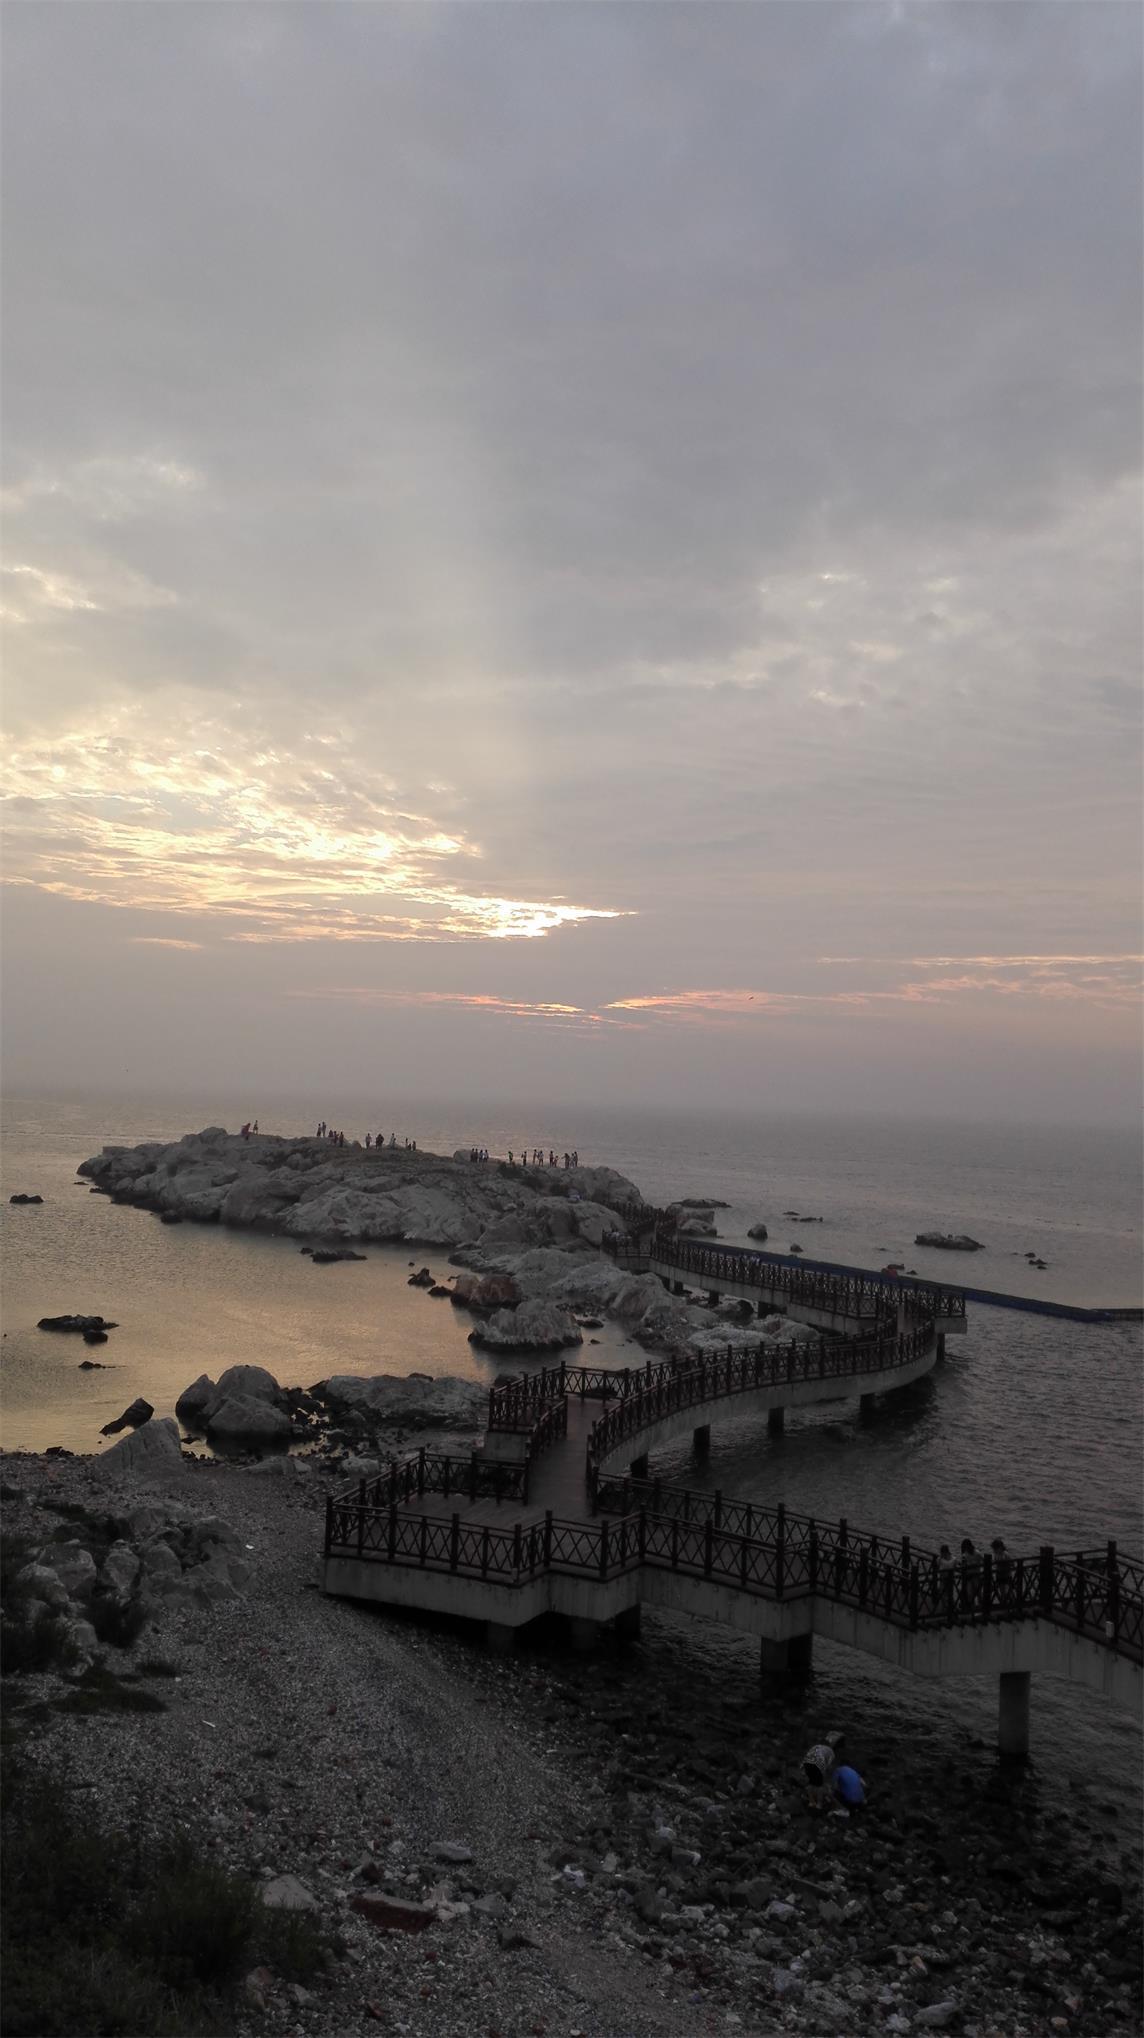 烟台养马岛的早晨